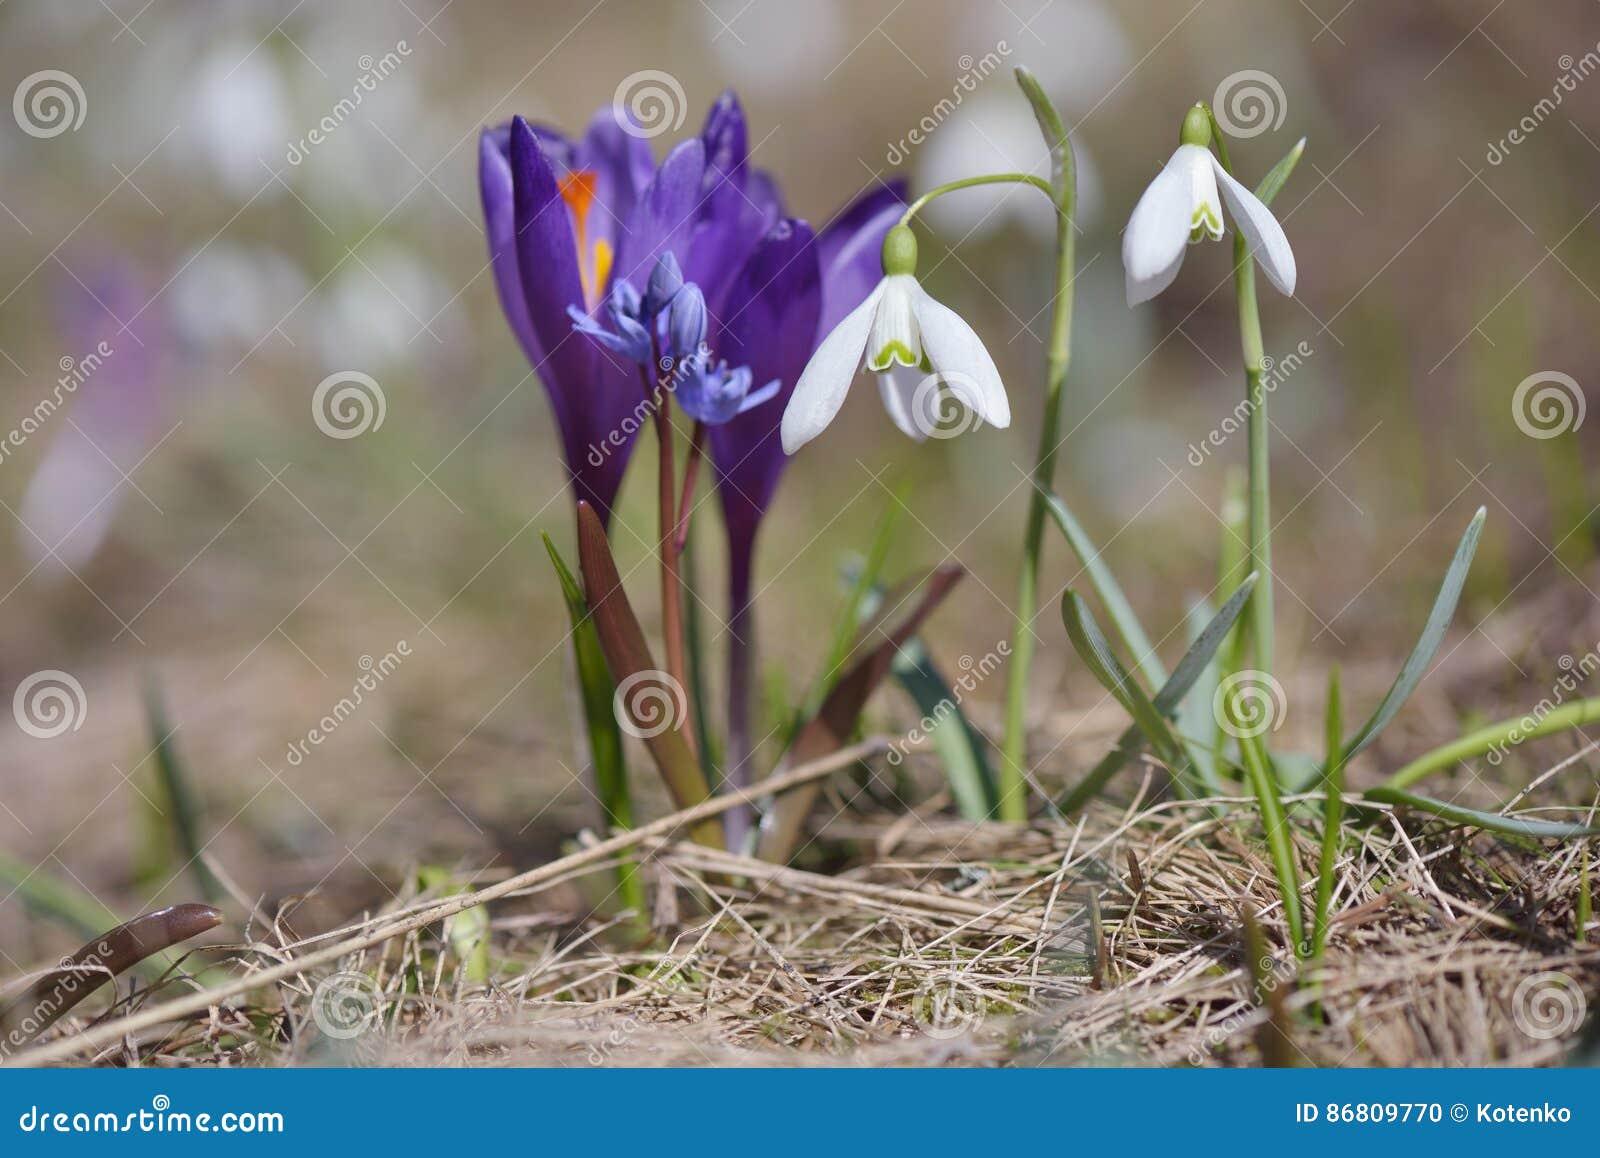 Erste Fruhlingsblumen Auf Einer Bergwiese Stockfoto Bild Von Grun